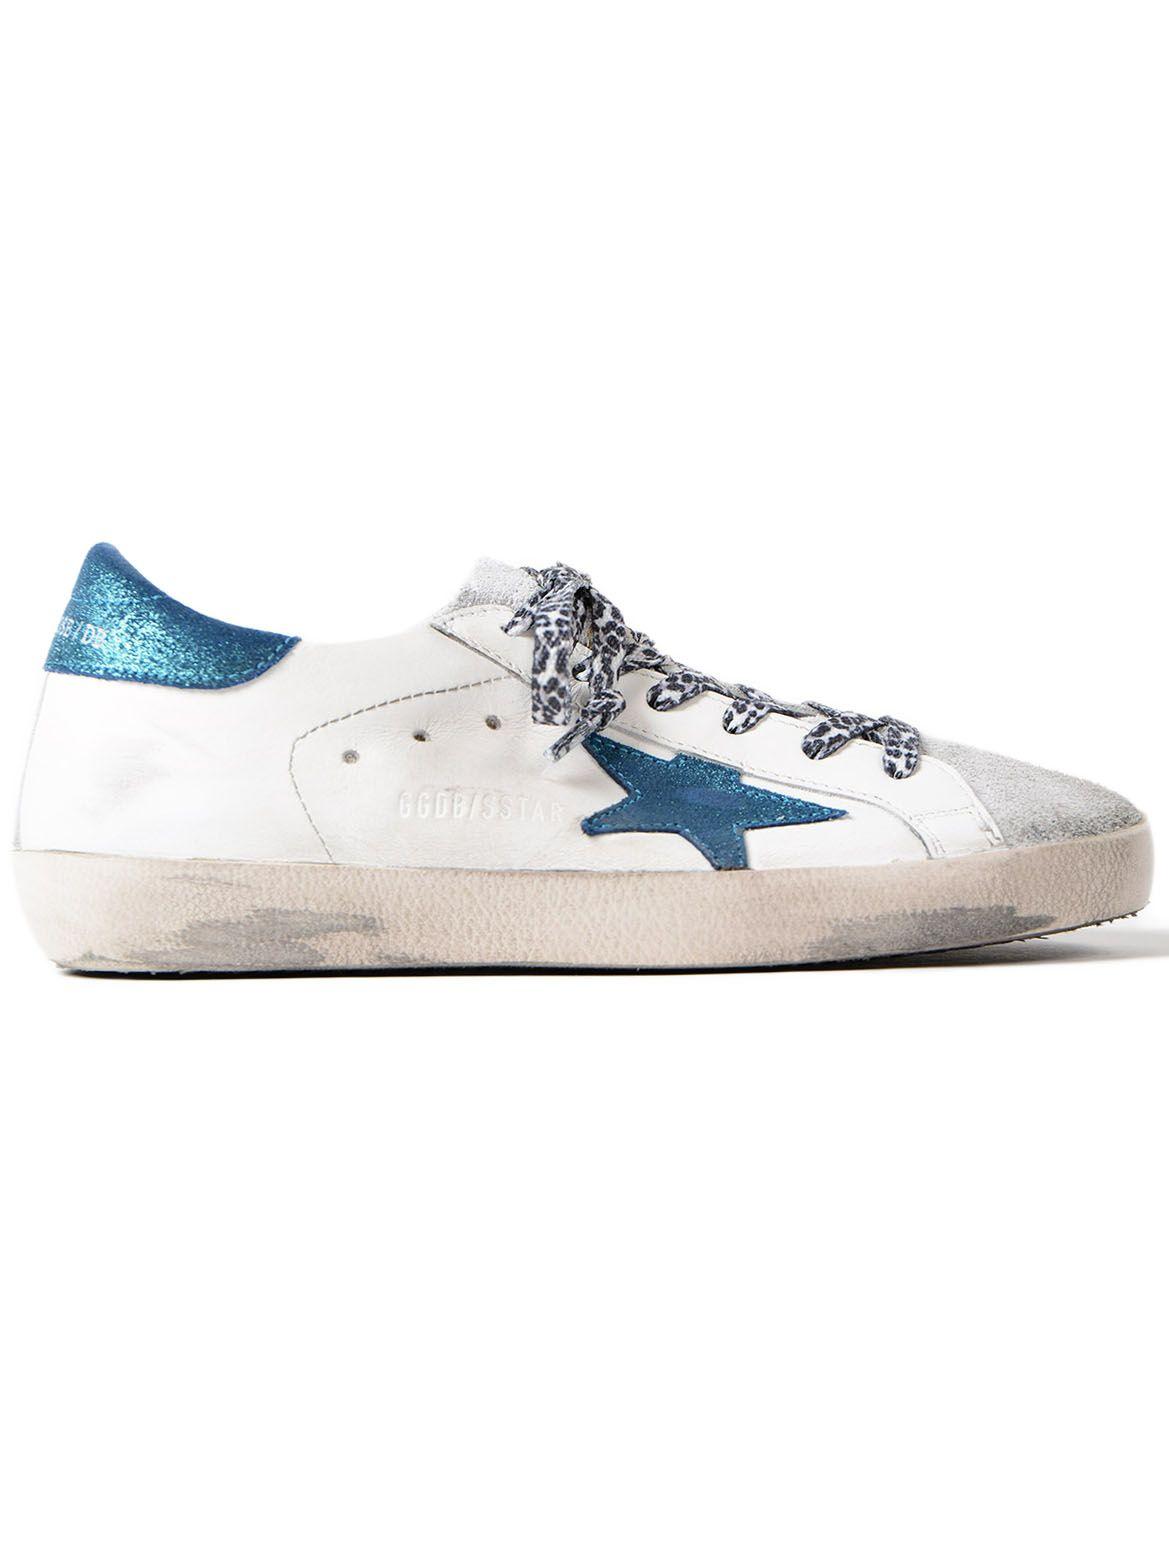 Golden Goose Sneakers Superstar Metal Blue Star